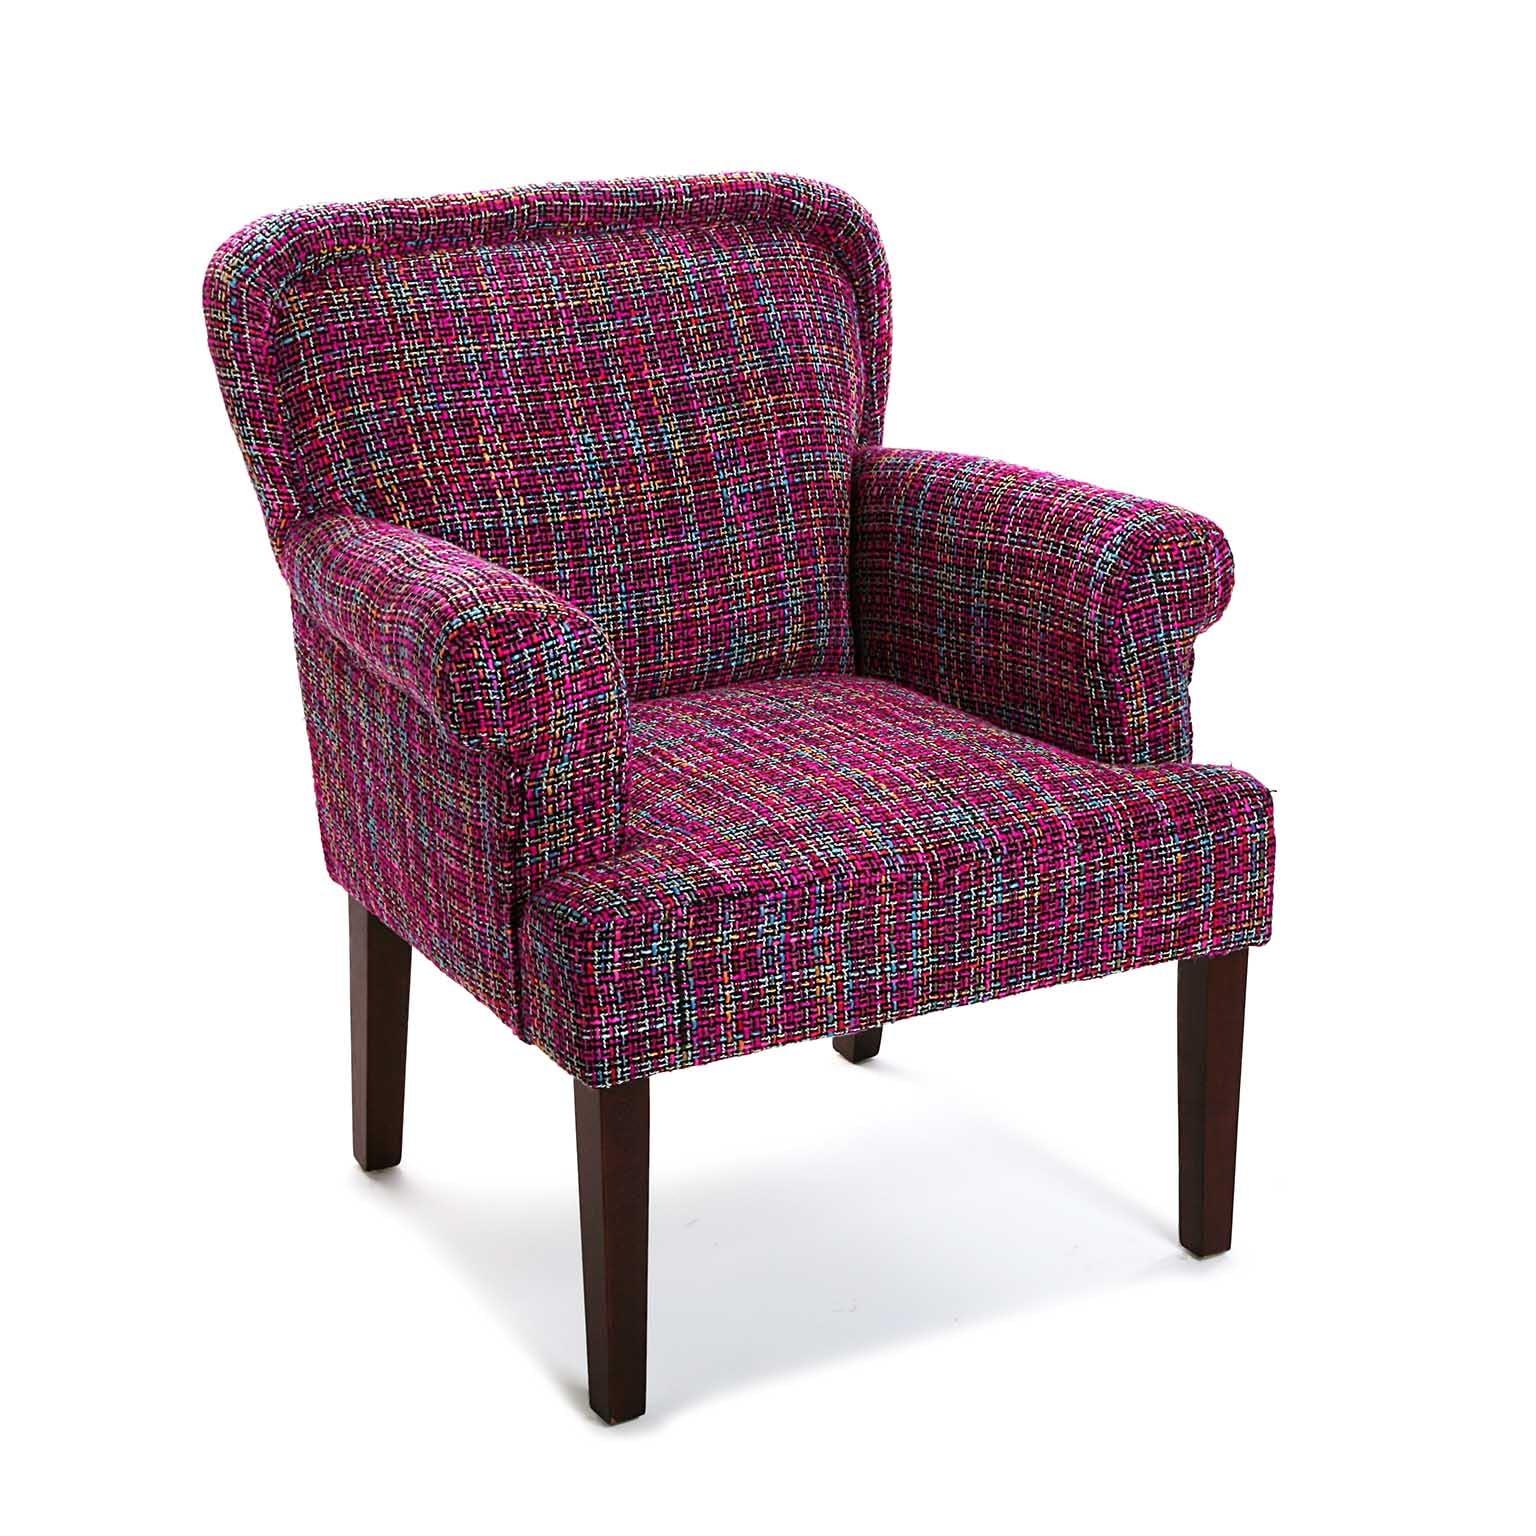 Fauteuil Club avec accoudoir en tissu violet façon tweed 72x71x89cm PICCADILLY